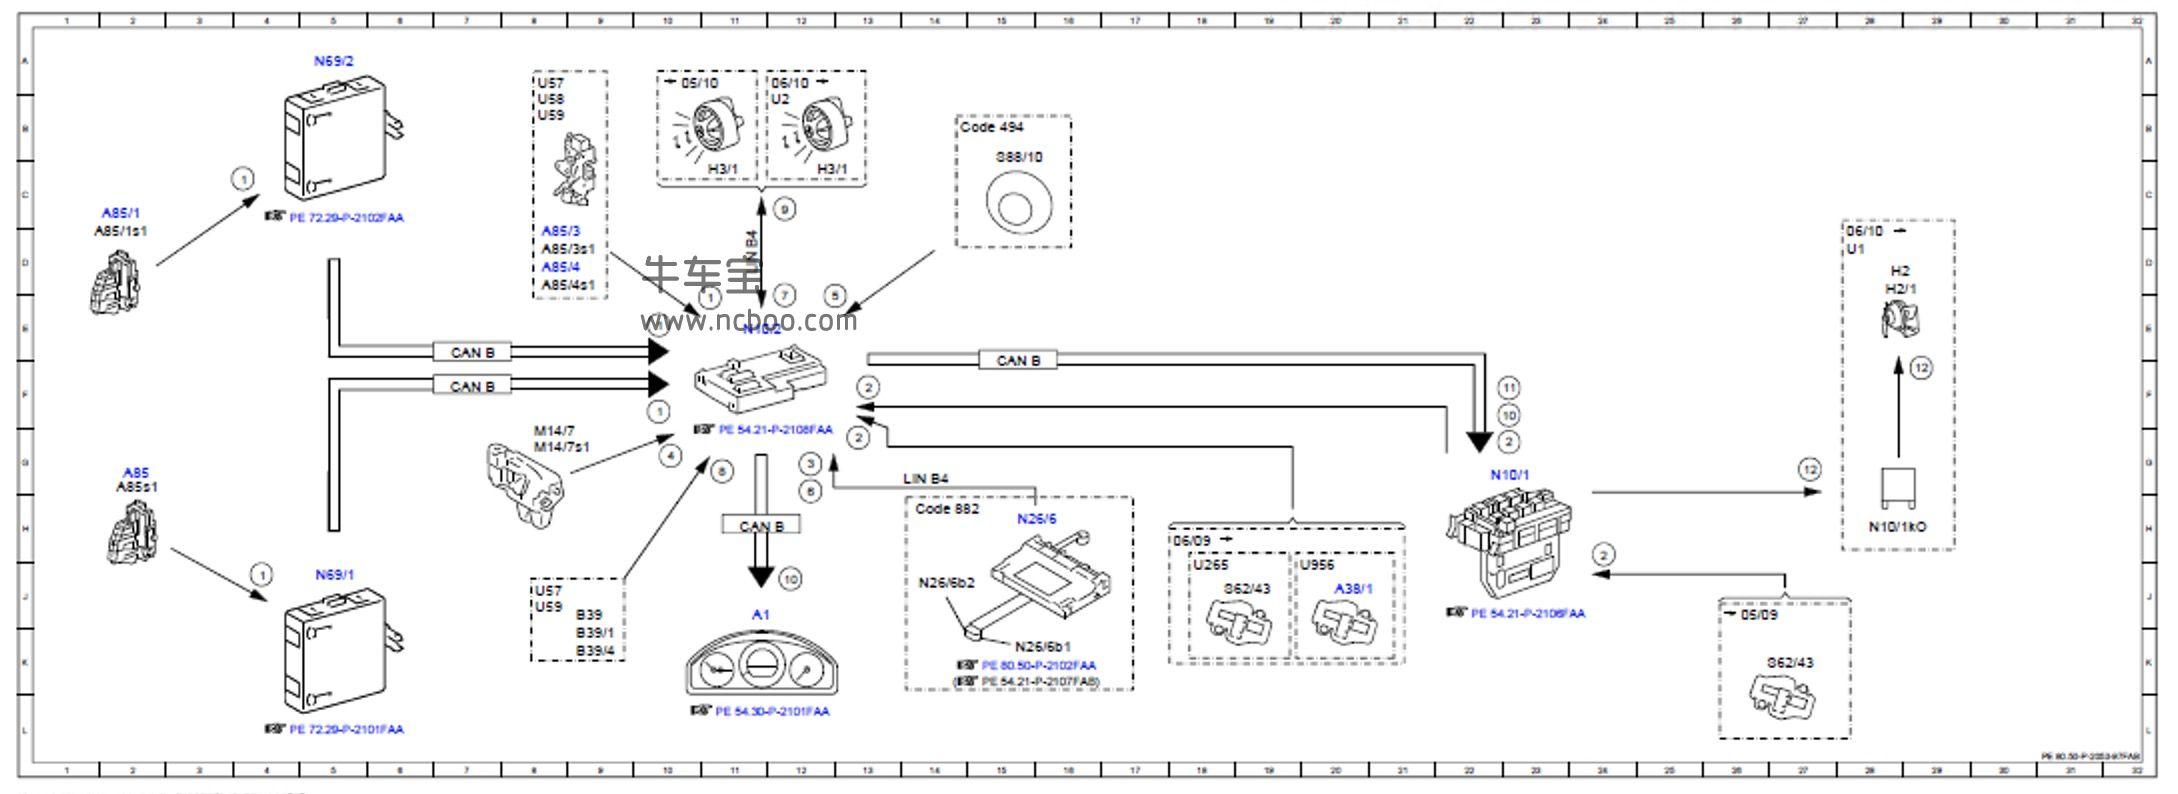 2010-2011款奔驰C180L原厂维修手册和电路图